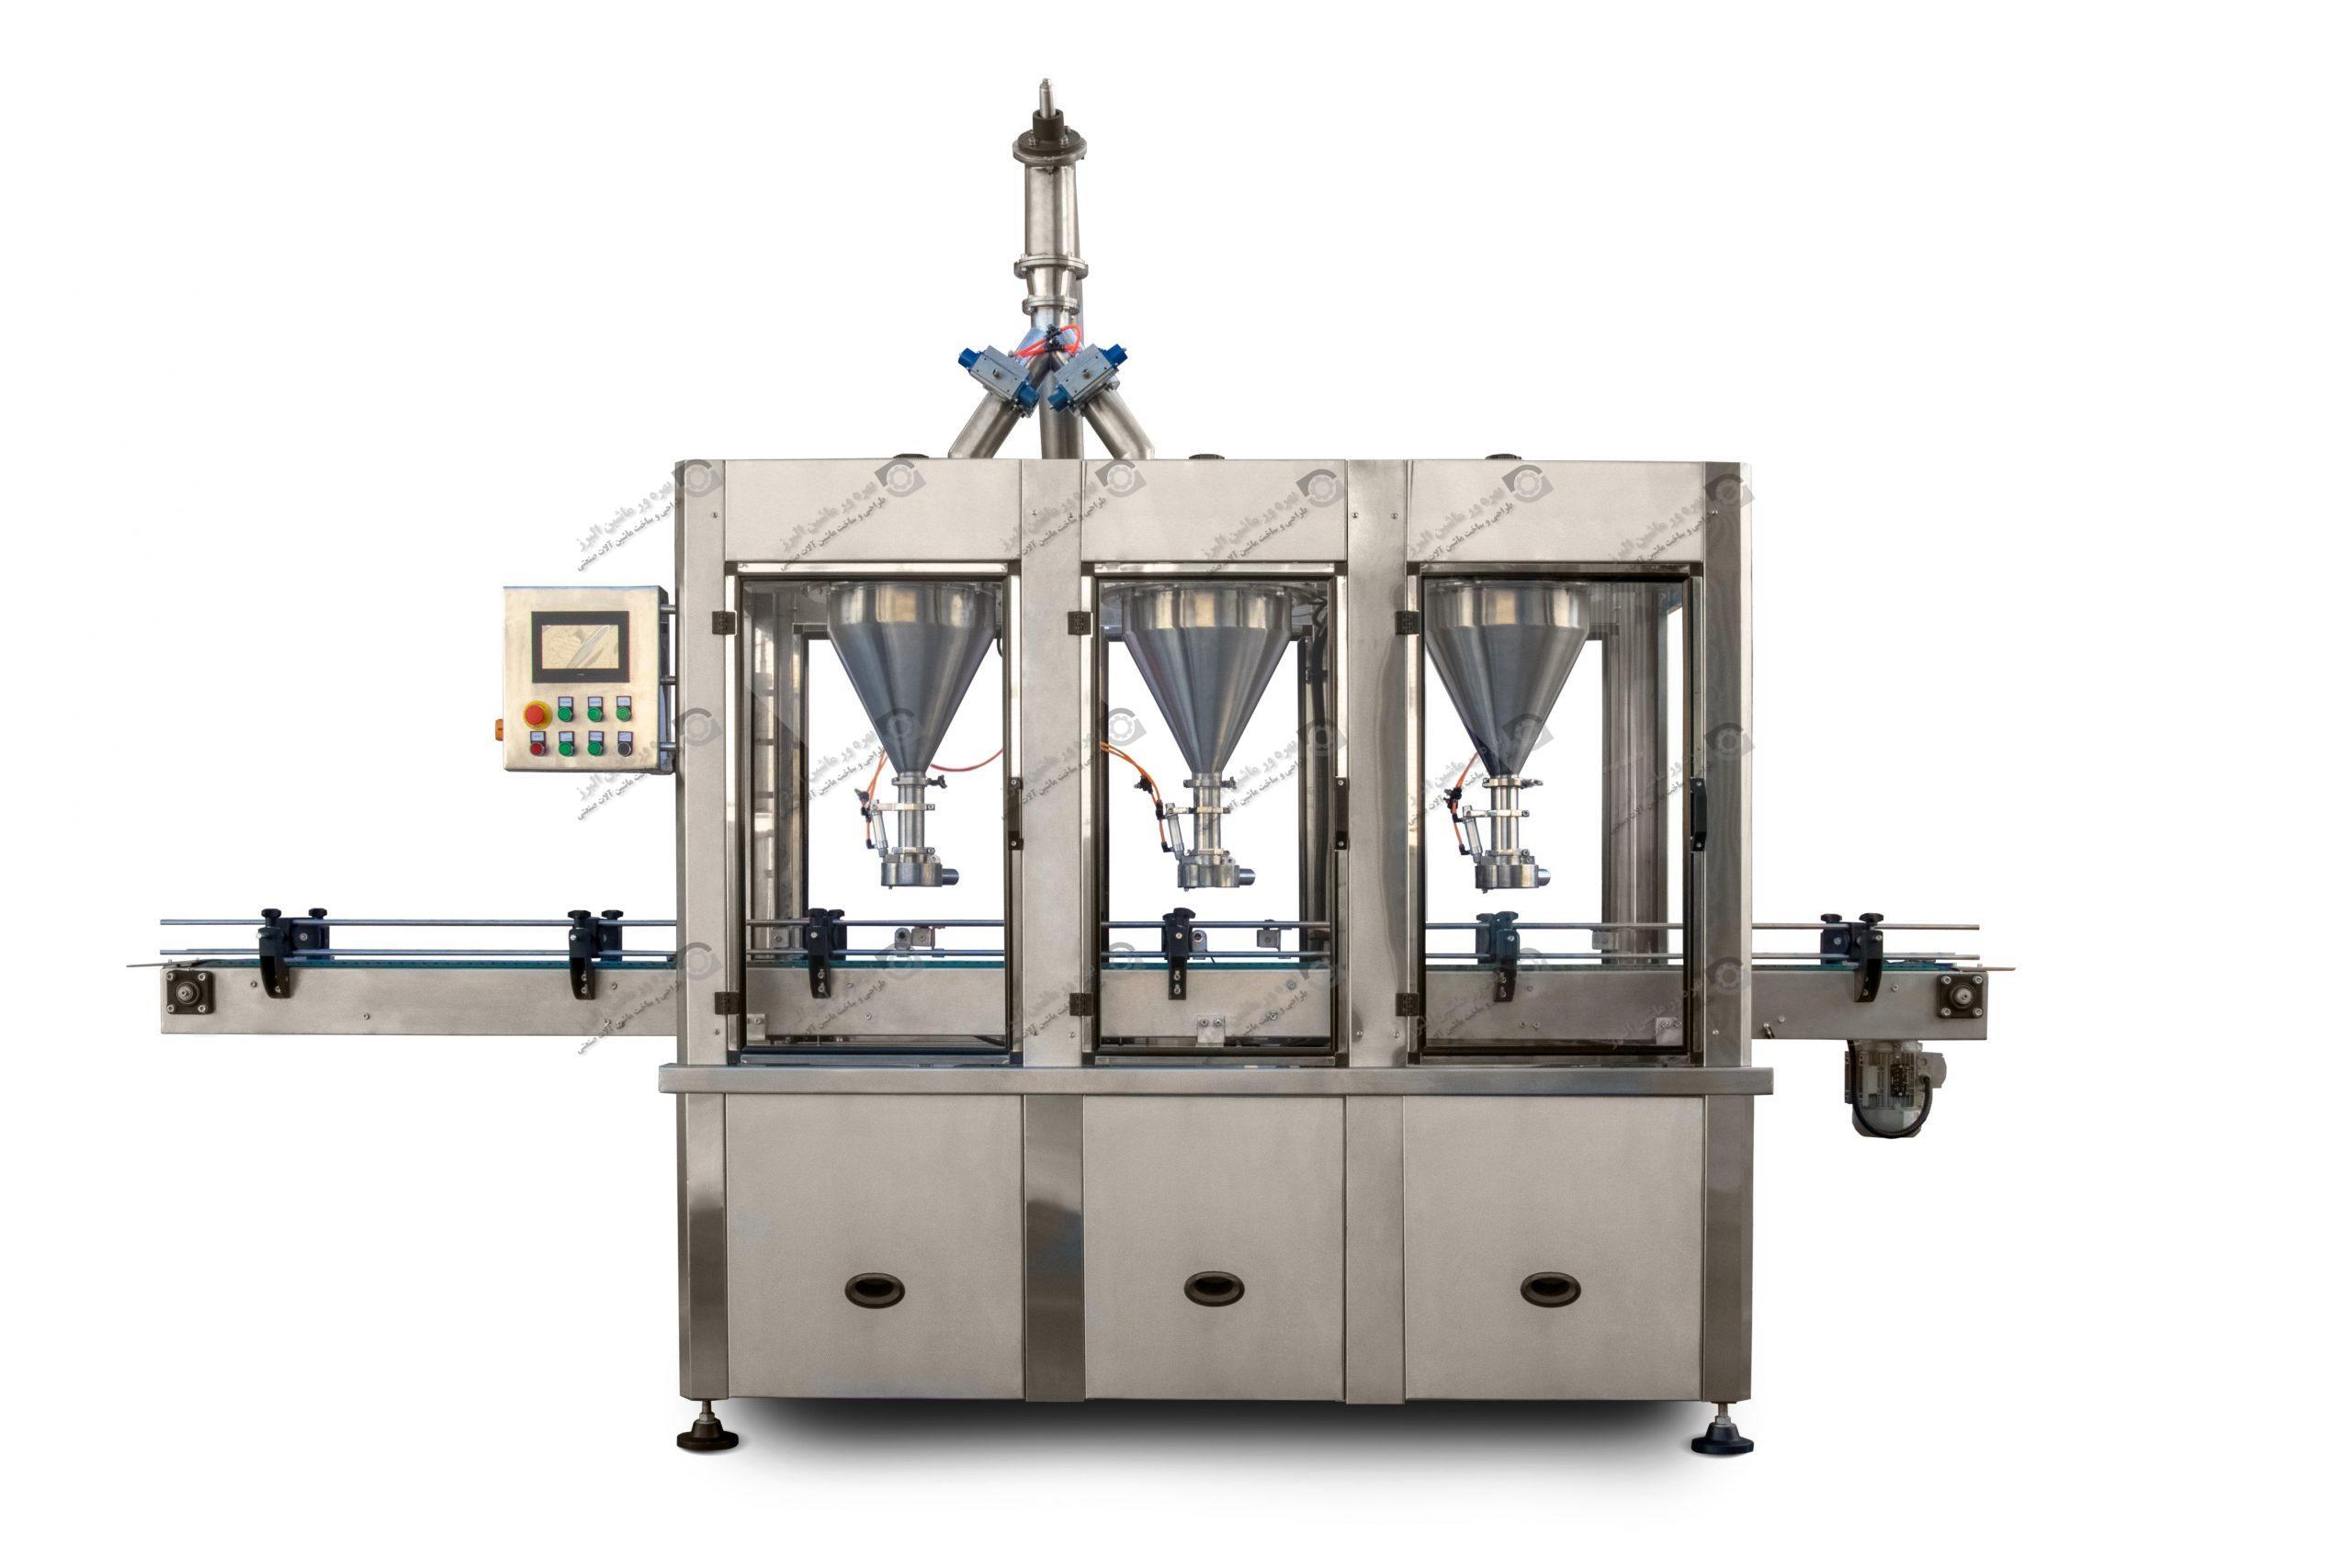 این دستگاه برای پر کردن اتوماتیک پودر یا مواد گرانولی در داخل قوطی یا کیسه به کار می رود